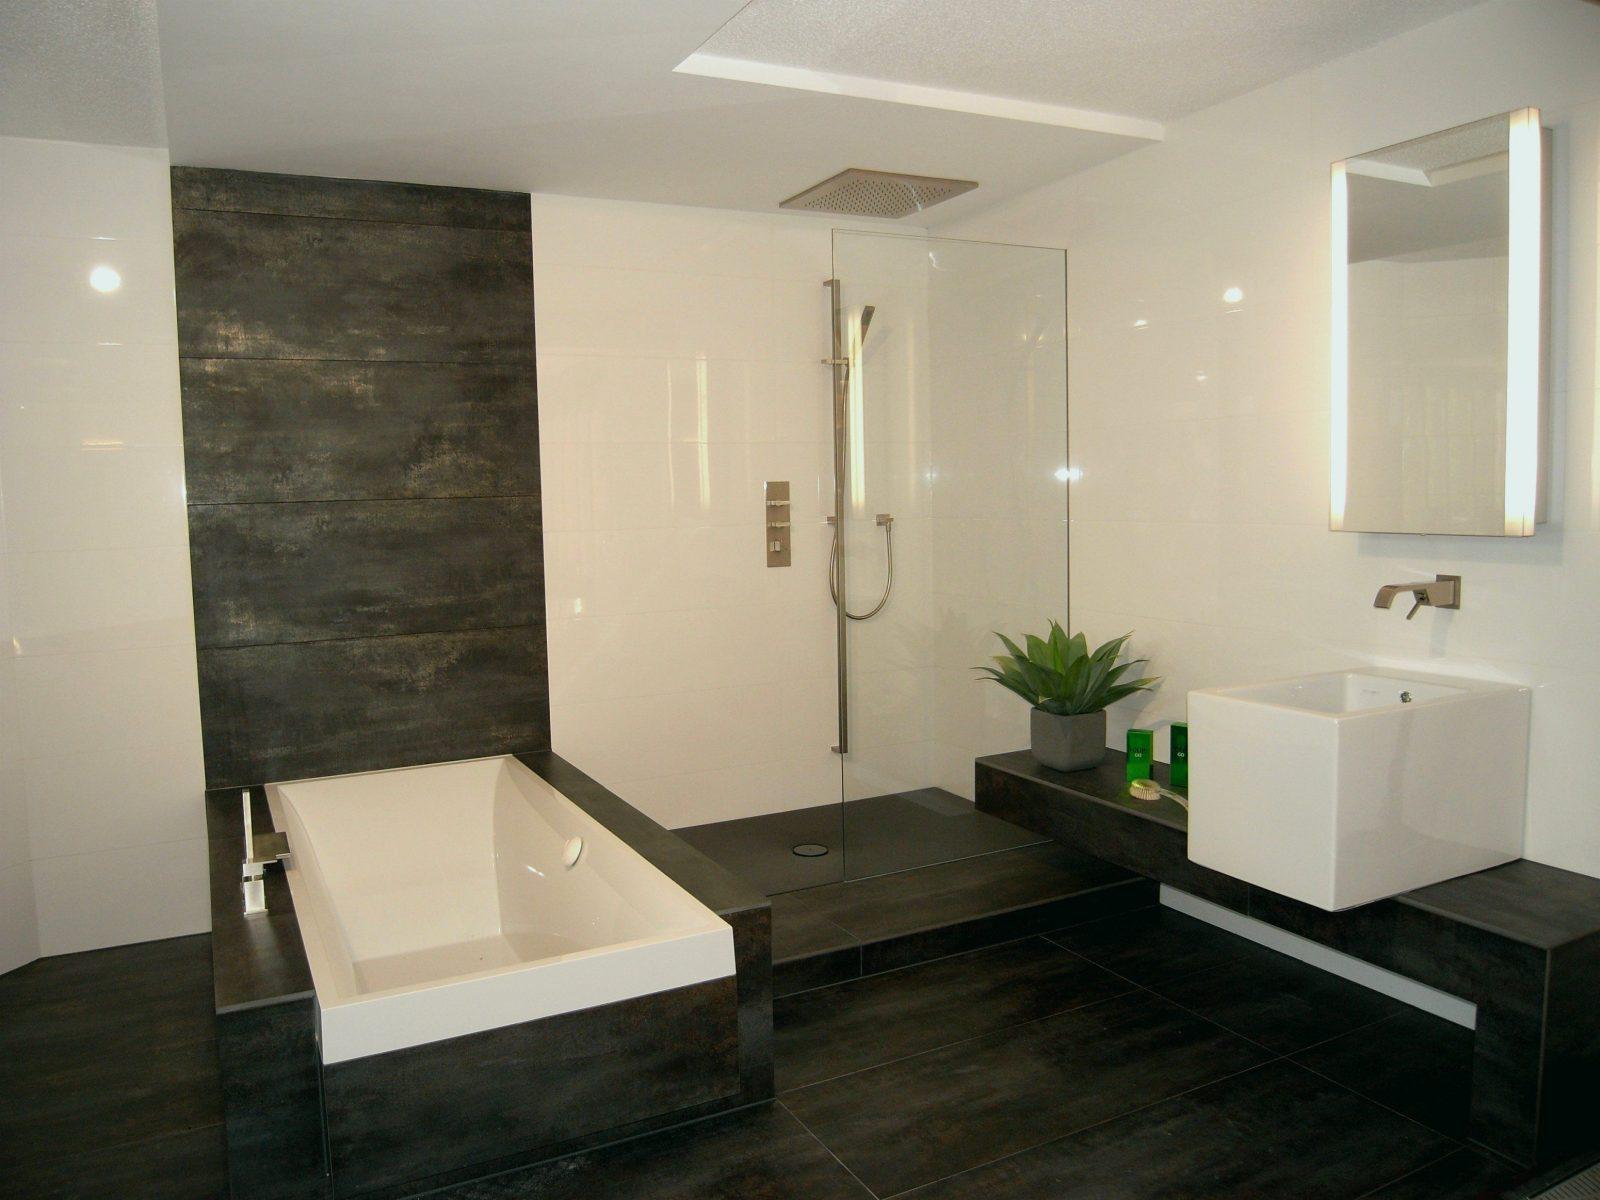 Wandgestaltung Badezimmer Ohne Fliesen Inspirational Badezimmer Ohne von Wandgestaltung Badezimmer Ohne Fliesen Bild